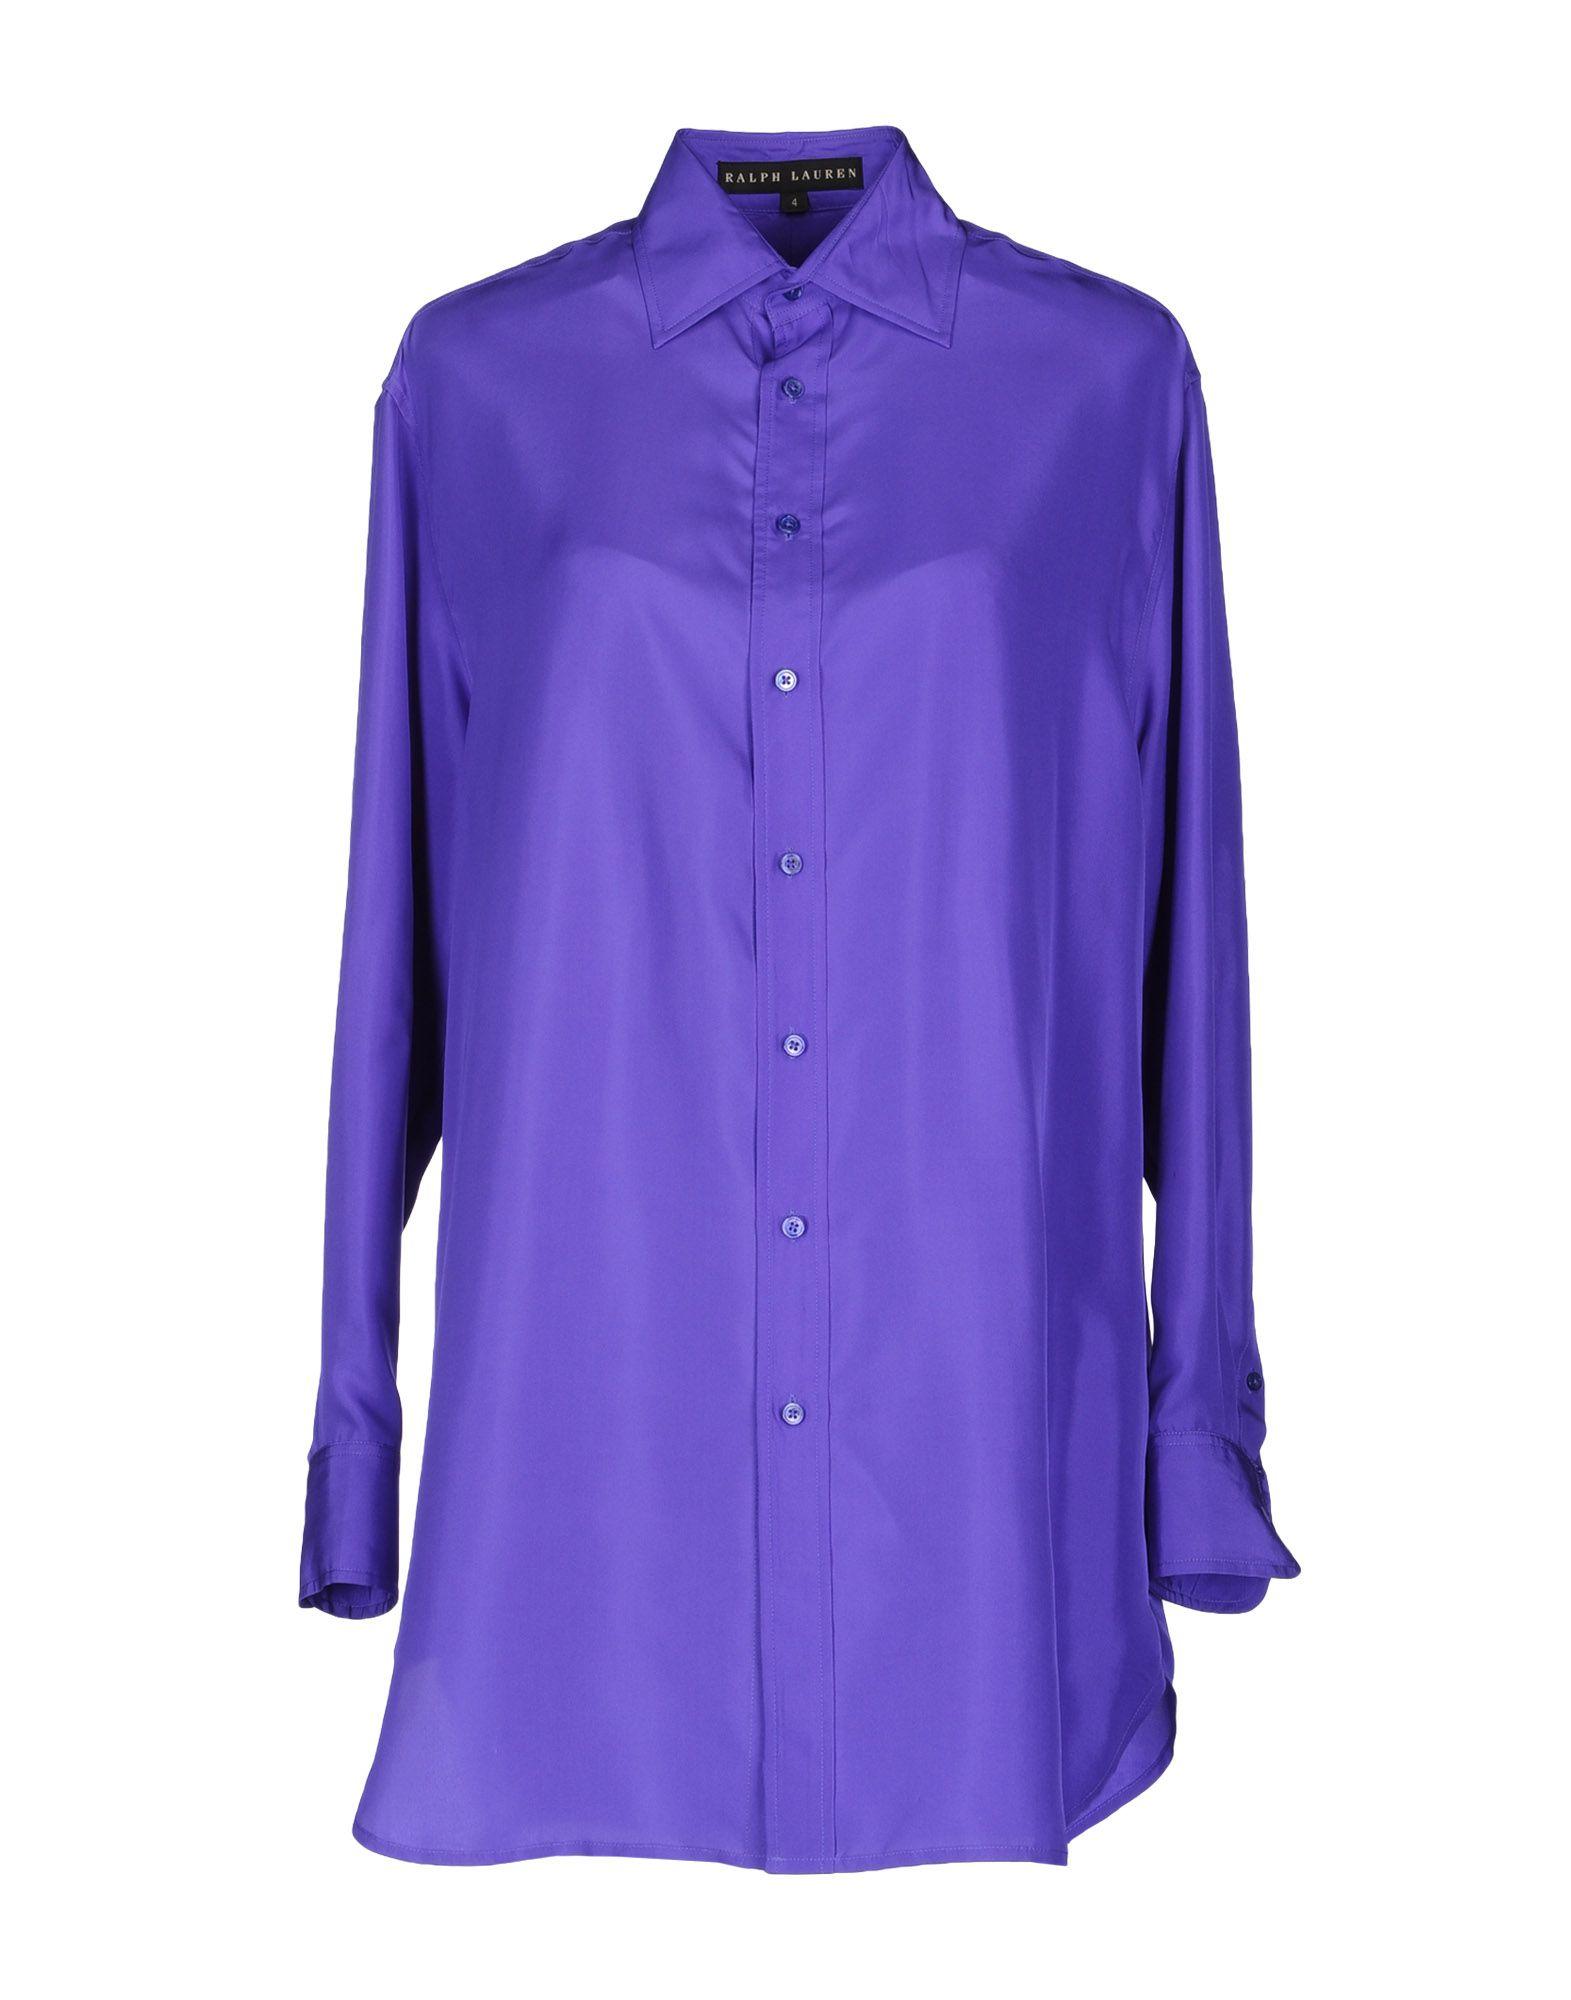 Ralph lauren black label long sleeve shirt in purple lyst for Black ralph lauren shirt purple horse